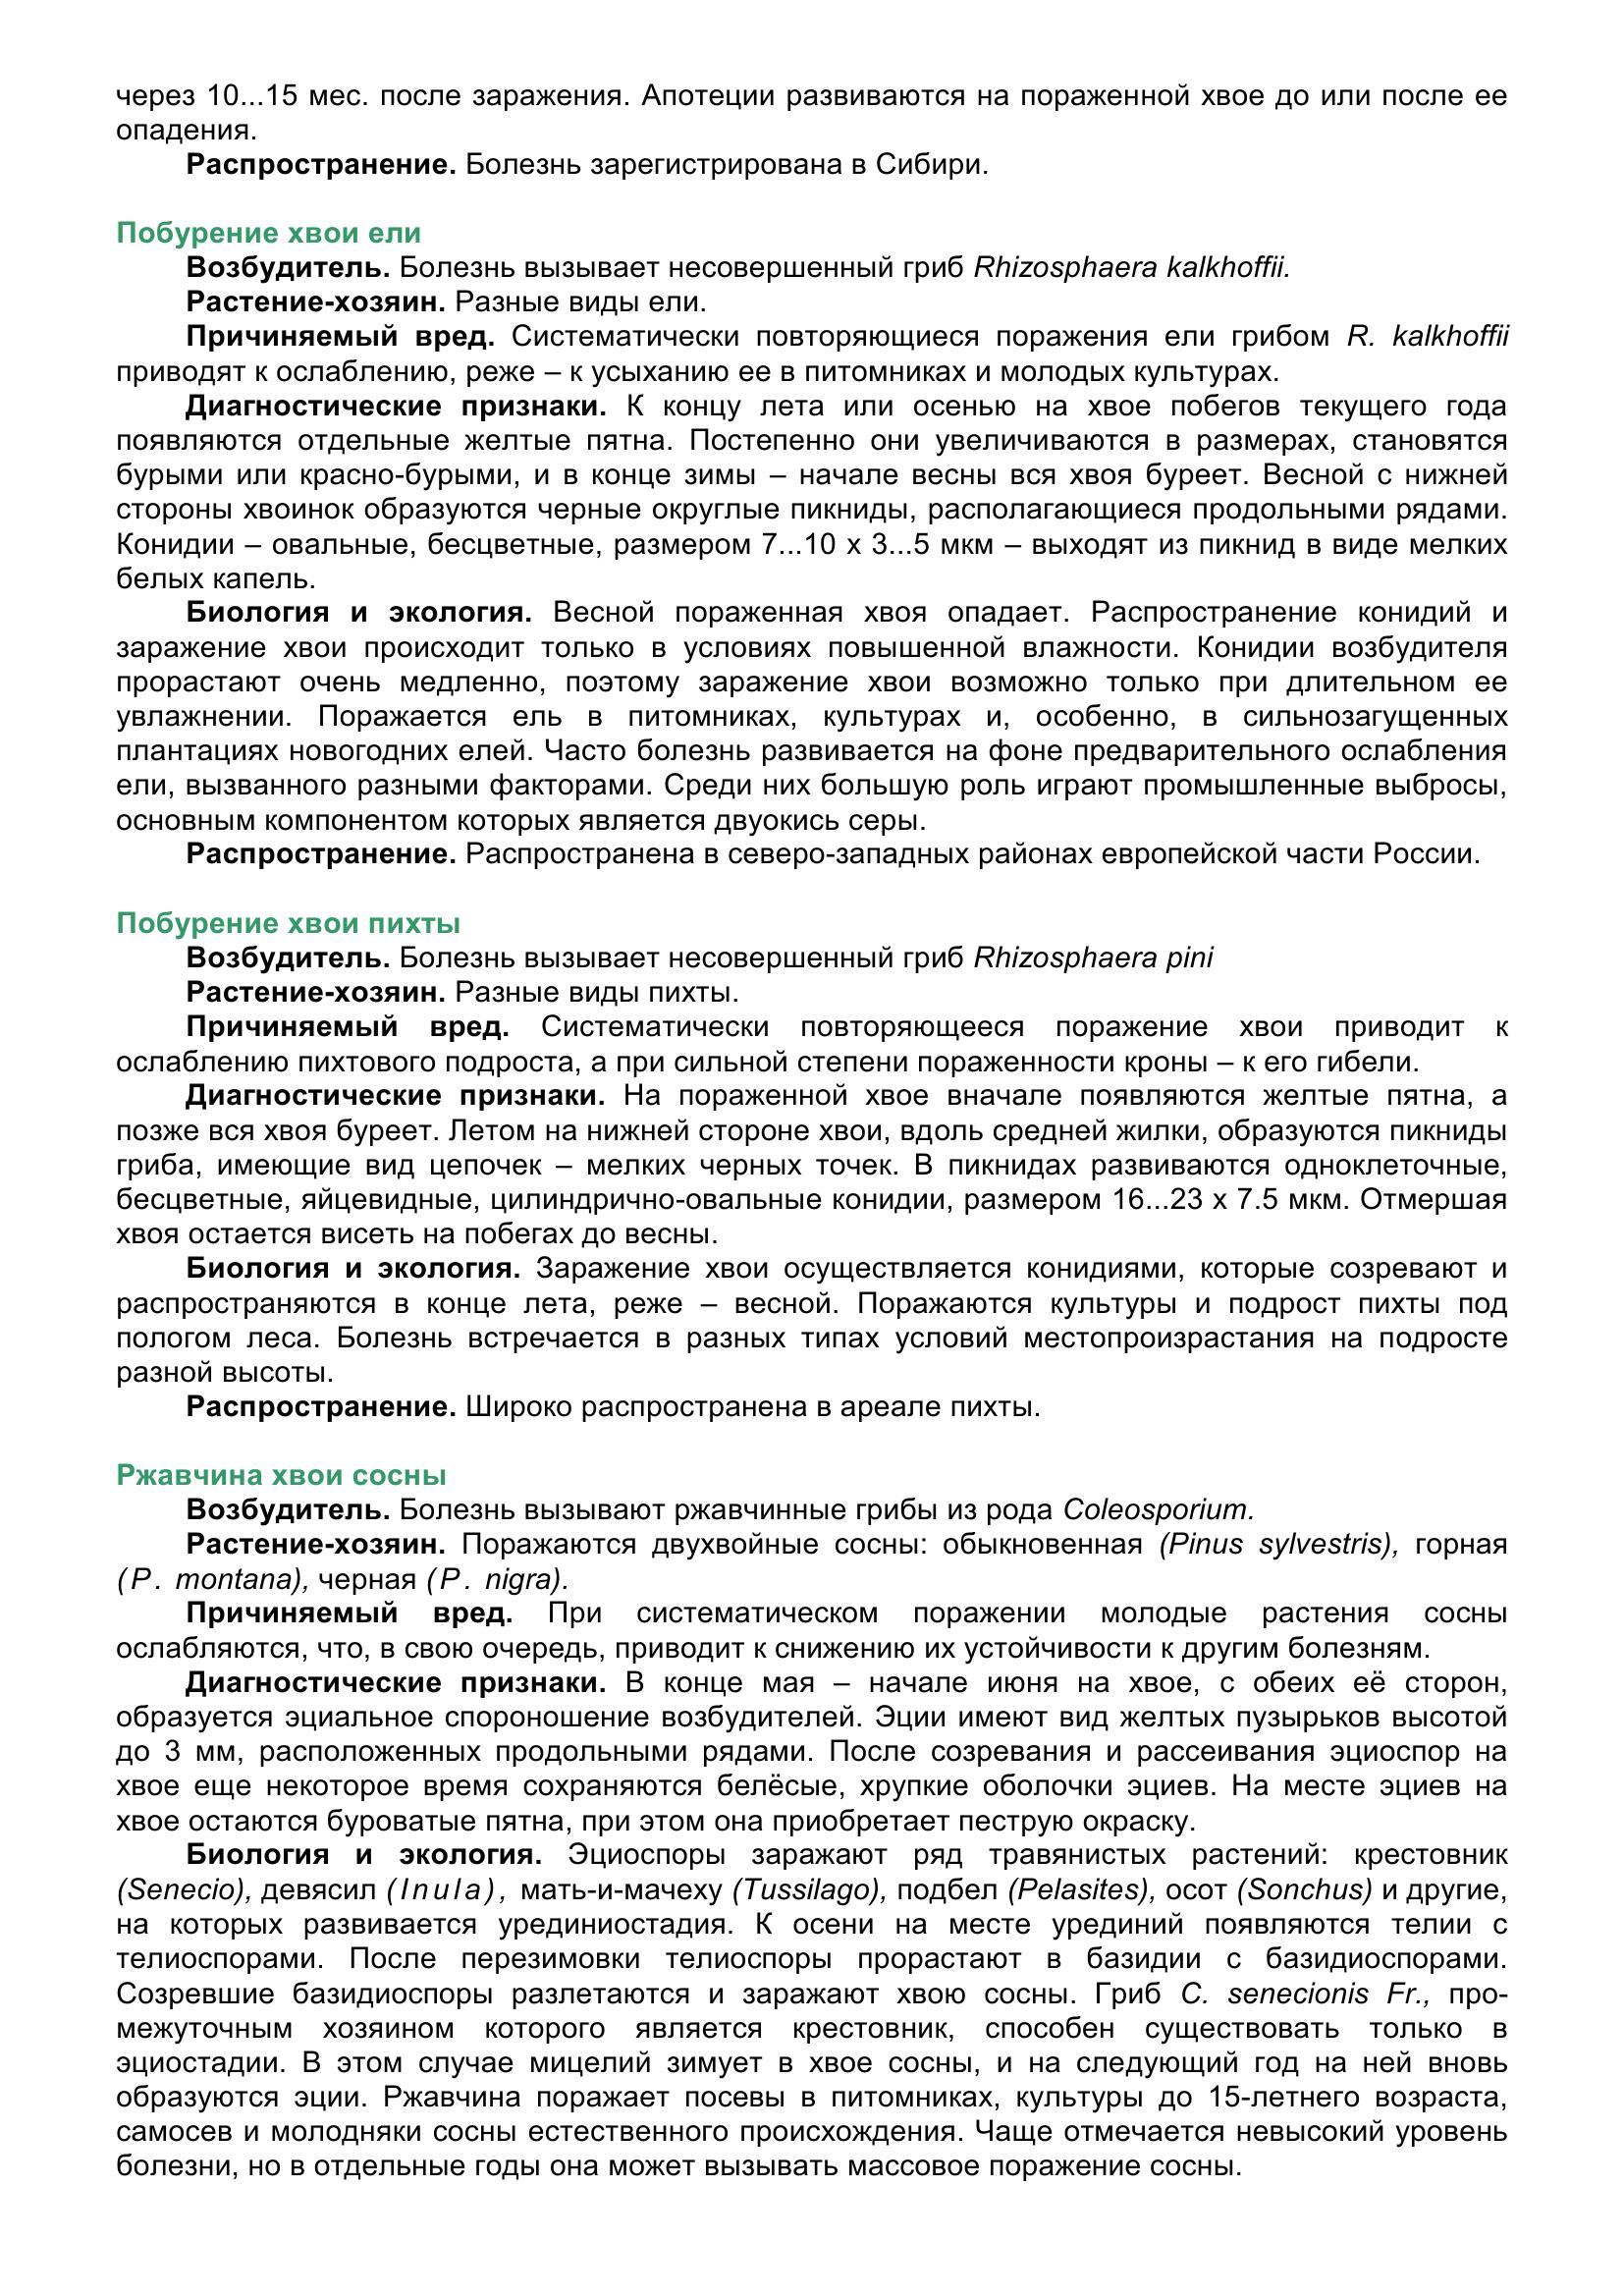 Болезни_древесных_растений_043.jpg